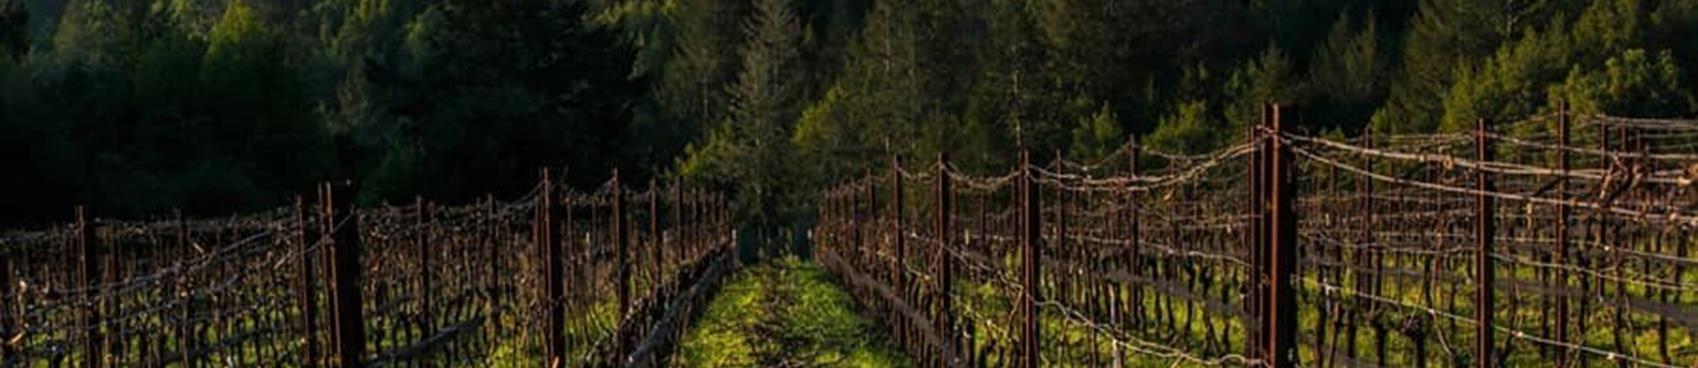 A image of Flanagan Winery